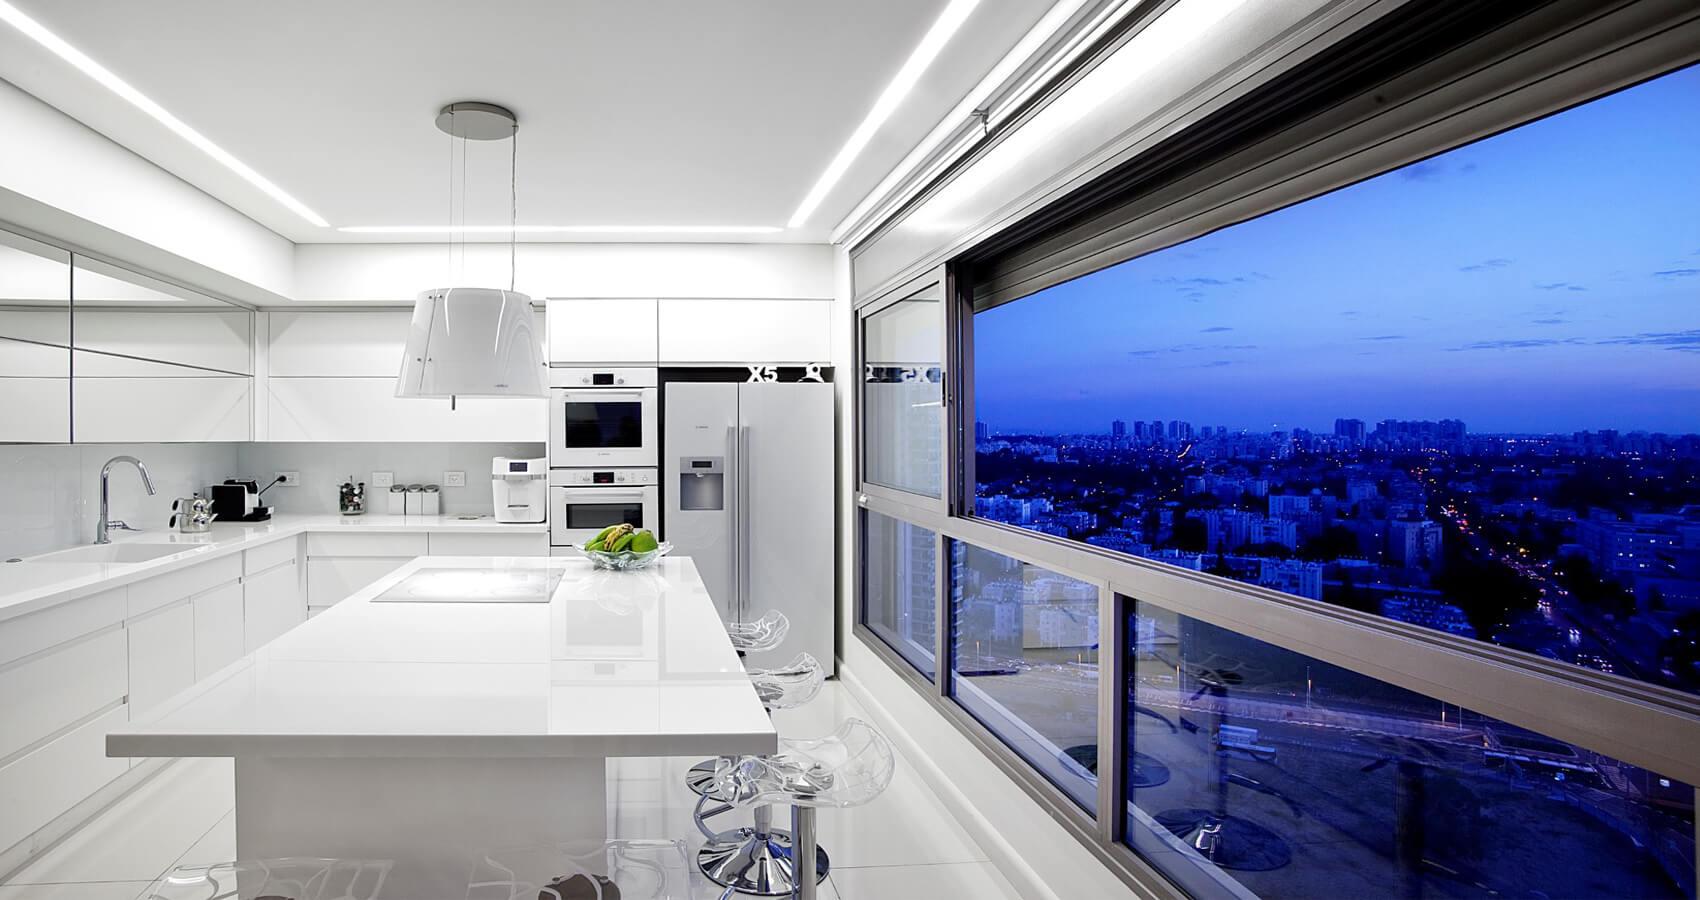 עיצוב בית מושלם עם חיפוי זכוכית